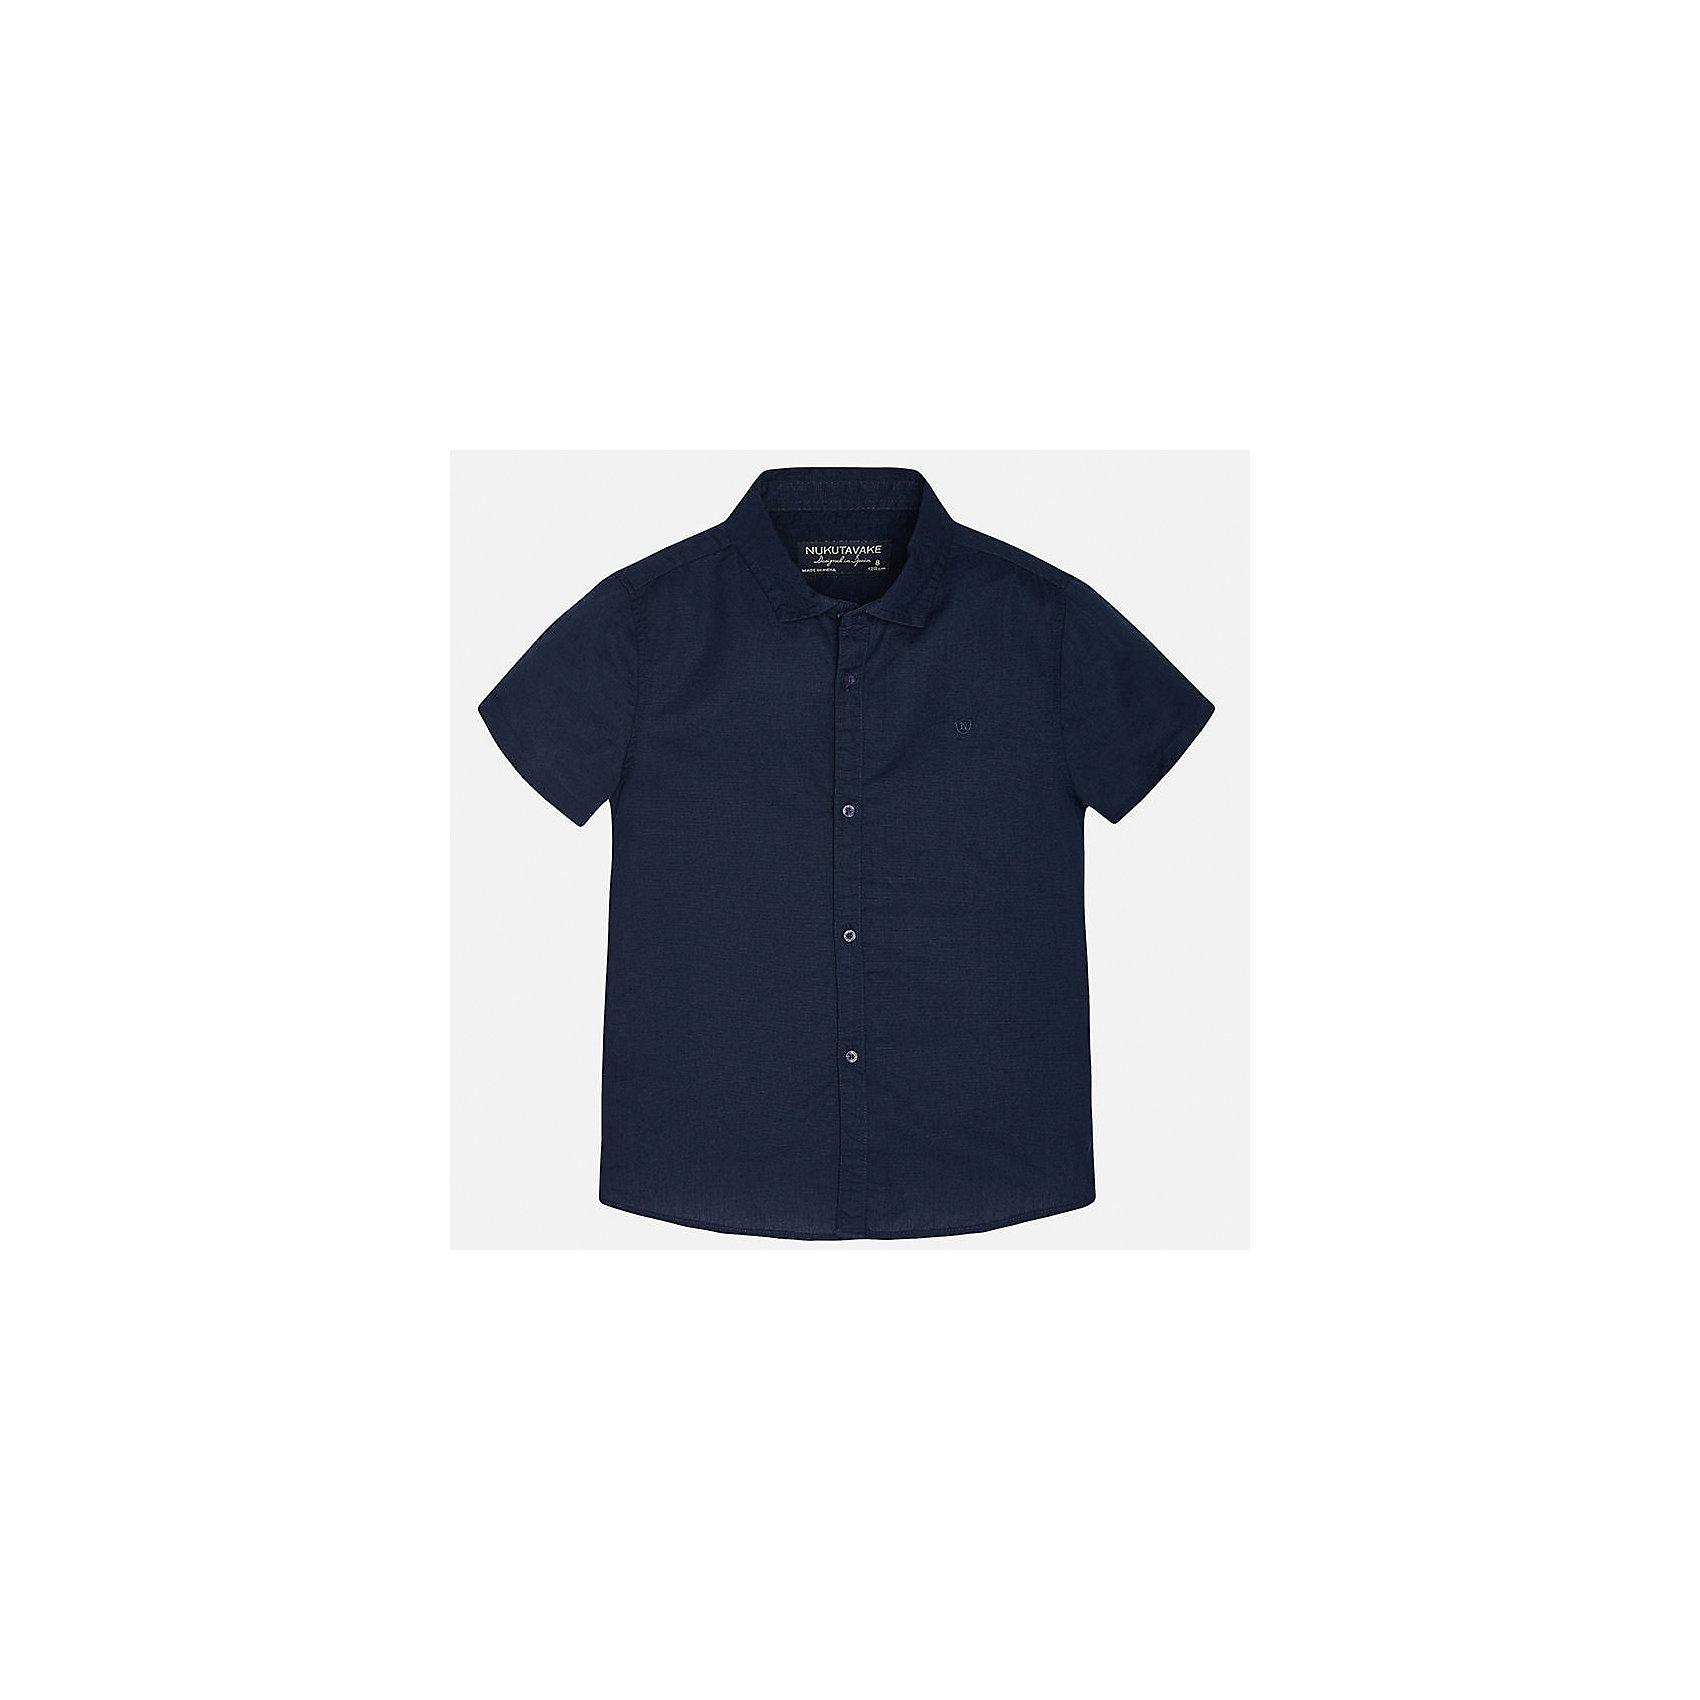 Рубашка для мальчика MayoralБлузки и рубашки<br>Характеристики товара:<br><br>• цвет: темно-синий<br>• состав: 70% хлопок, 30% лен<br>• отложной воротник<br>• короткие рукава<br>• застежка: пуговицы<br>• прямой силуэт<br>• страна бренда: Испания<br><br>Удобная рубашка классического кроя для мальчика может стать базовой вещью в гардеробе ребенка. Она отлично сочетается с брюками, шортами, джинсами и т.д. Универсальный крой и цвет позволяет подобрать к вещи низ разных расцветок. Практичное и стильное изделие! В составе материала - натуральный хлопок, гипоаллергенный, приятный на ощупь, дышащий.<br><br>Одежда, обувь и аксессуары от испанского бренда Mayoral полюбились детям и взрослым по всему миру. Модели этой марки - стильные и удобные. Для их производства используются только безопасные, качественные материалы и фурнитура. Порадуйте ребенка модными и красивыми вещами от Mayoral! <br><br>Рубашку для мальчика от испанского бренда Mayoral (Майорал) можно купить в нашем интернет-магазине.<br><br>Ширина мм: 174<br>Глубина мм: 10<br>Высота мм: 169<br>Вес г: 157<br>Цвет: синий<br>Возраст от месяцев: 144<br>Возраст до месяцев: 156<br>Пол: Мужской<br>Возраст: Детский<br>Размер: 164,140,158,152,128/134,170<br>SKU: 5278300